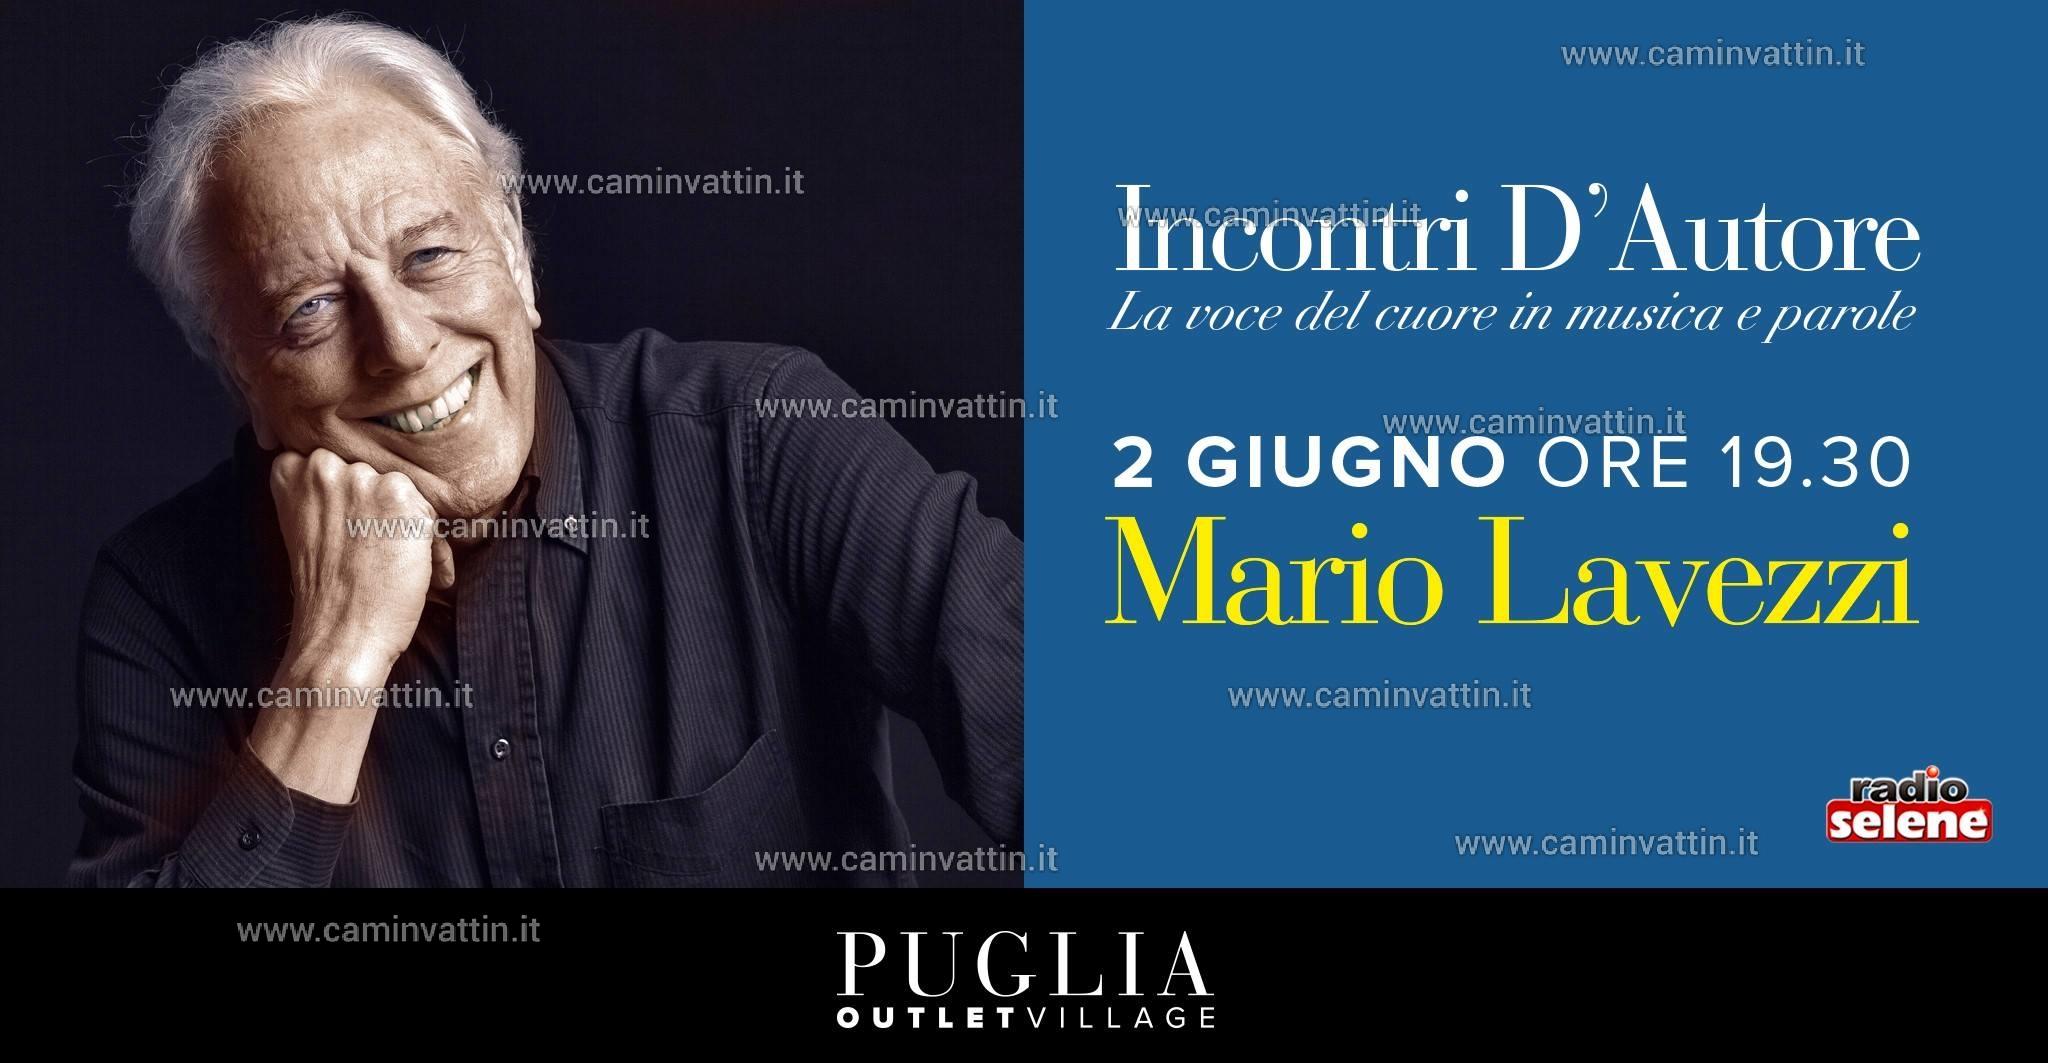 MARIO LAVEZZI in concerto al Puglia Outlet Village di Molfetta ...